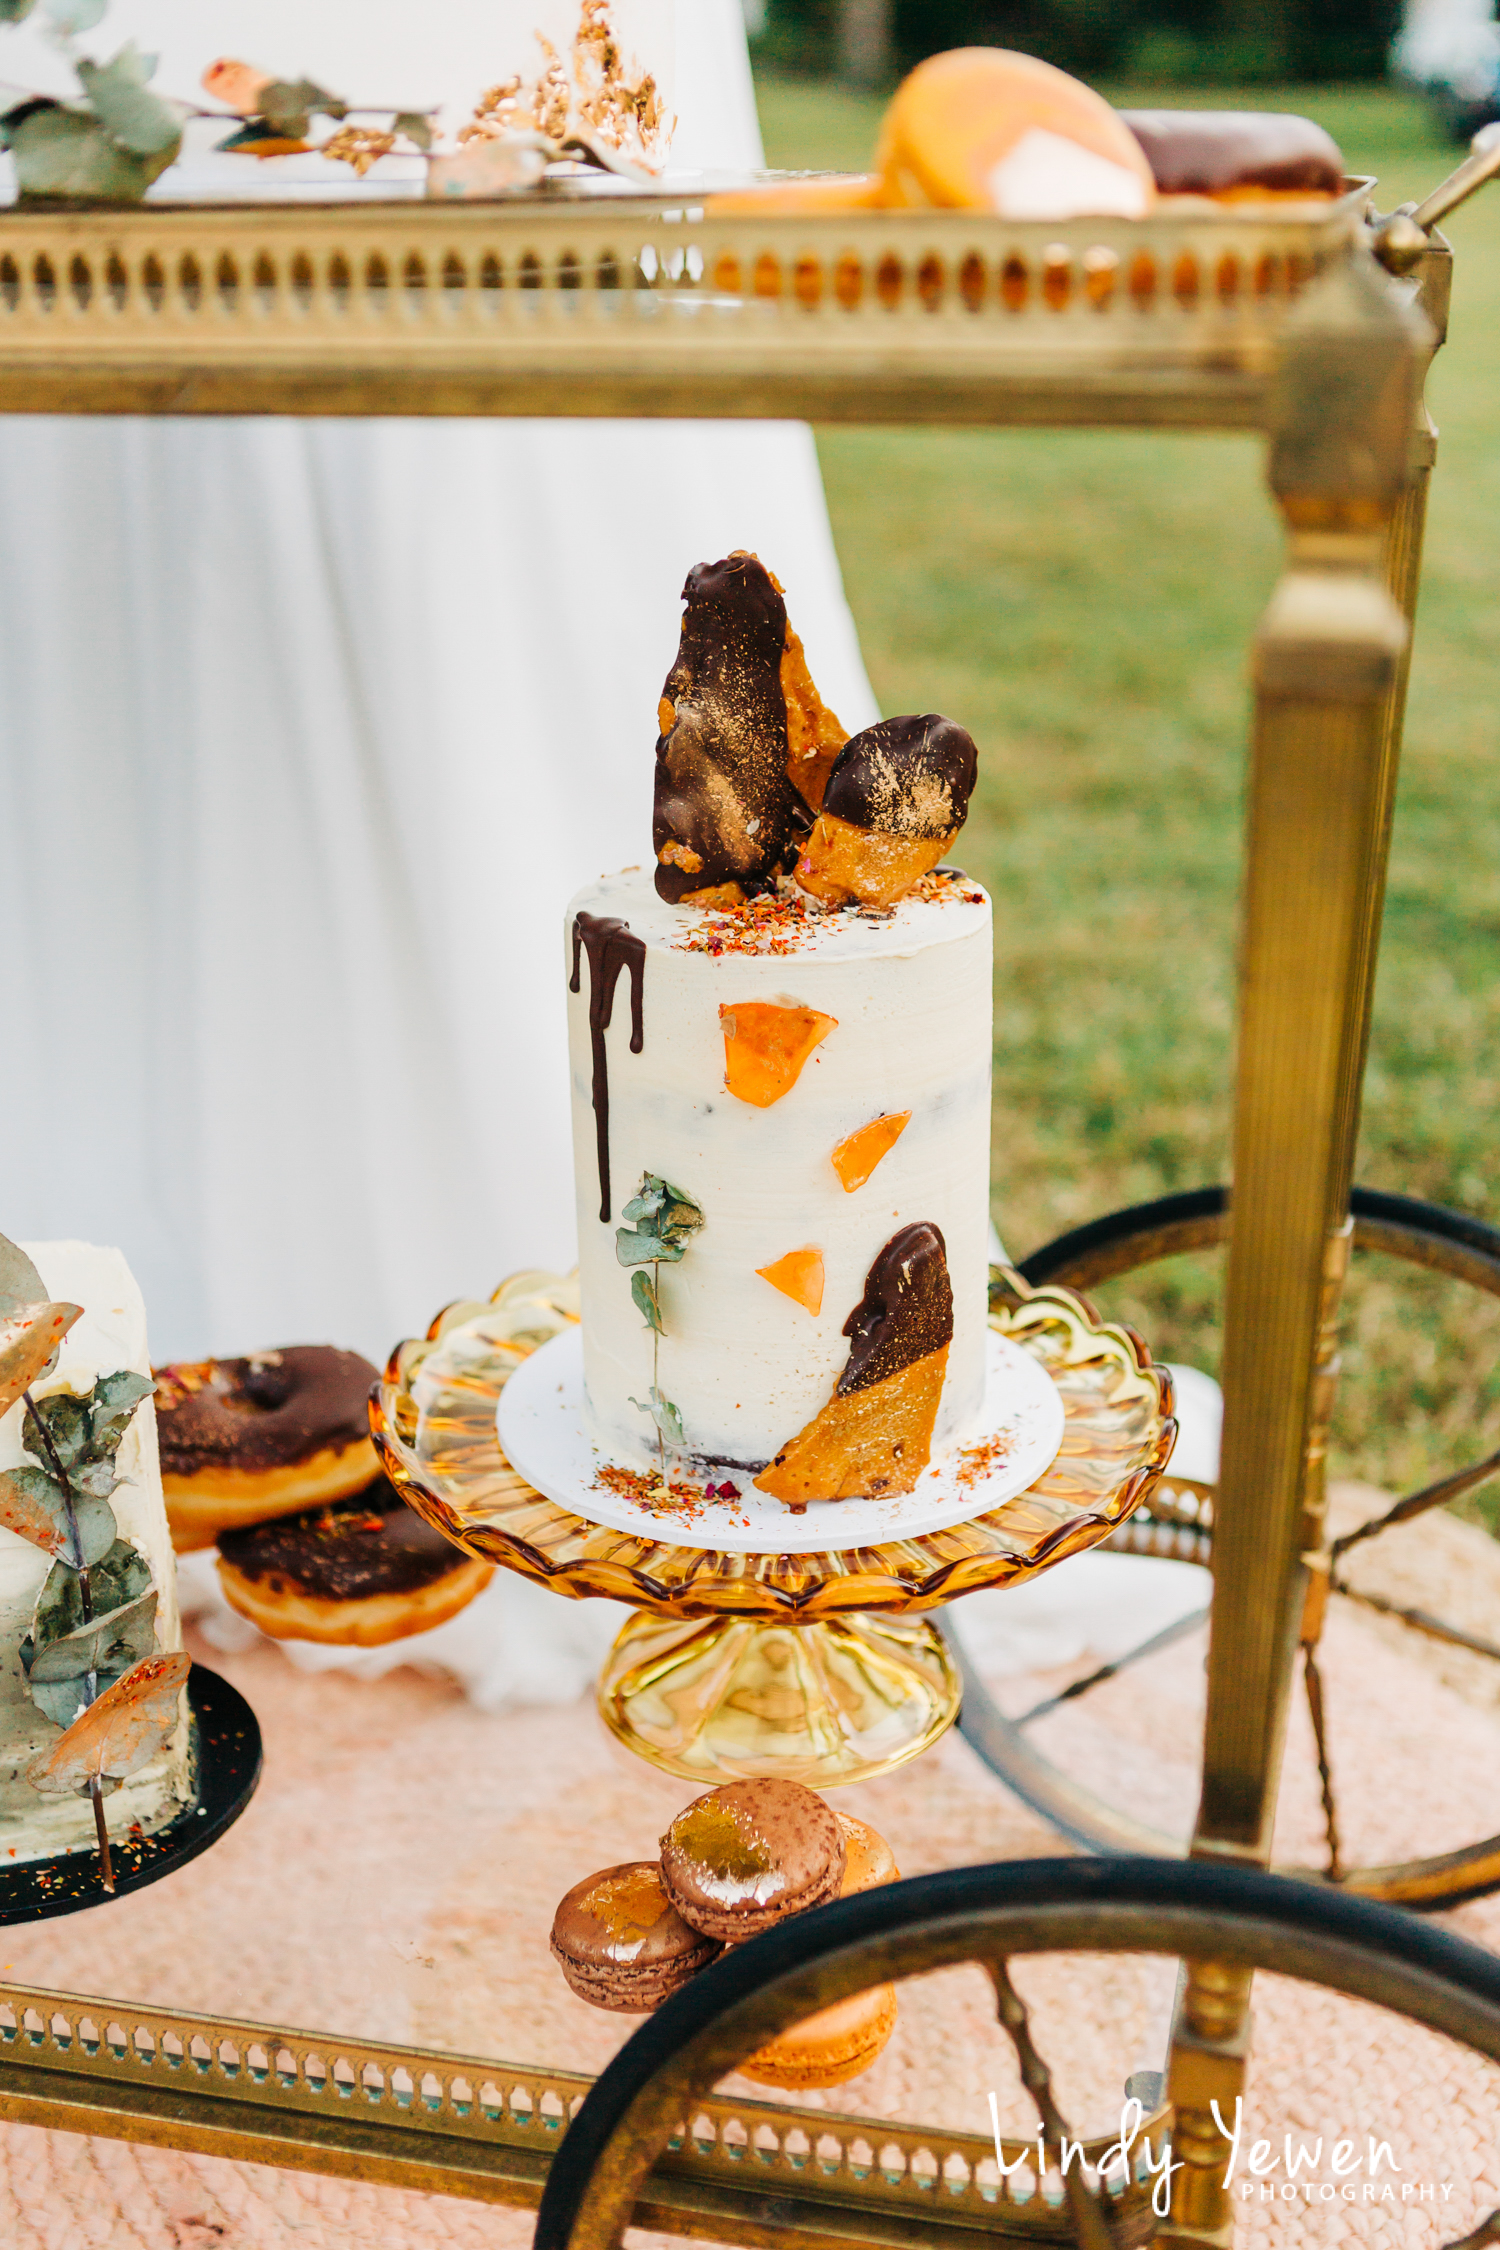 Noosa-Wedding-Photographers-Lindy-Yewen 40.jpg